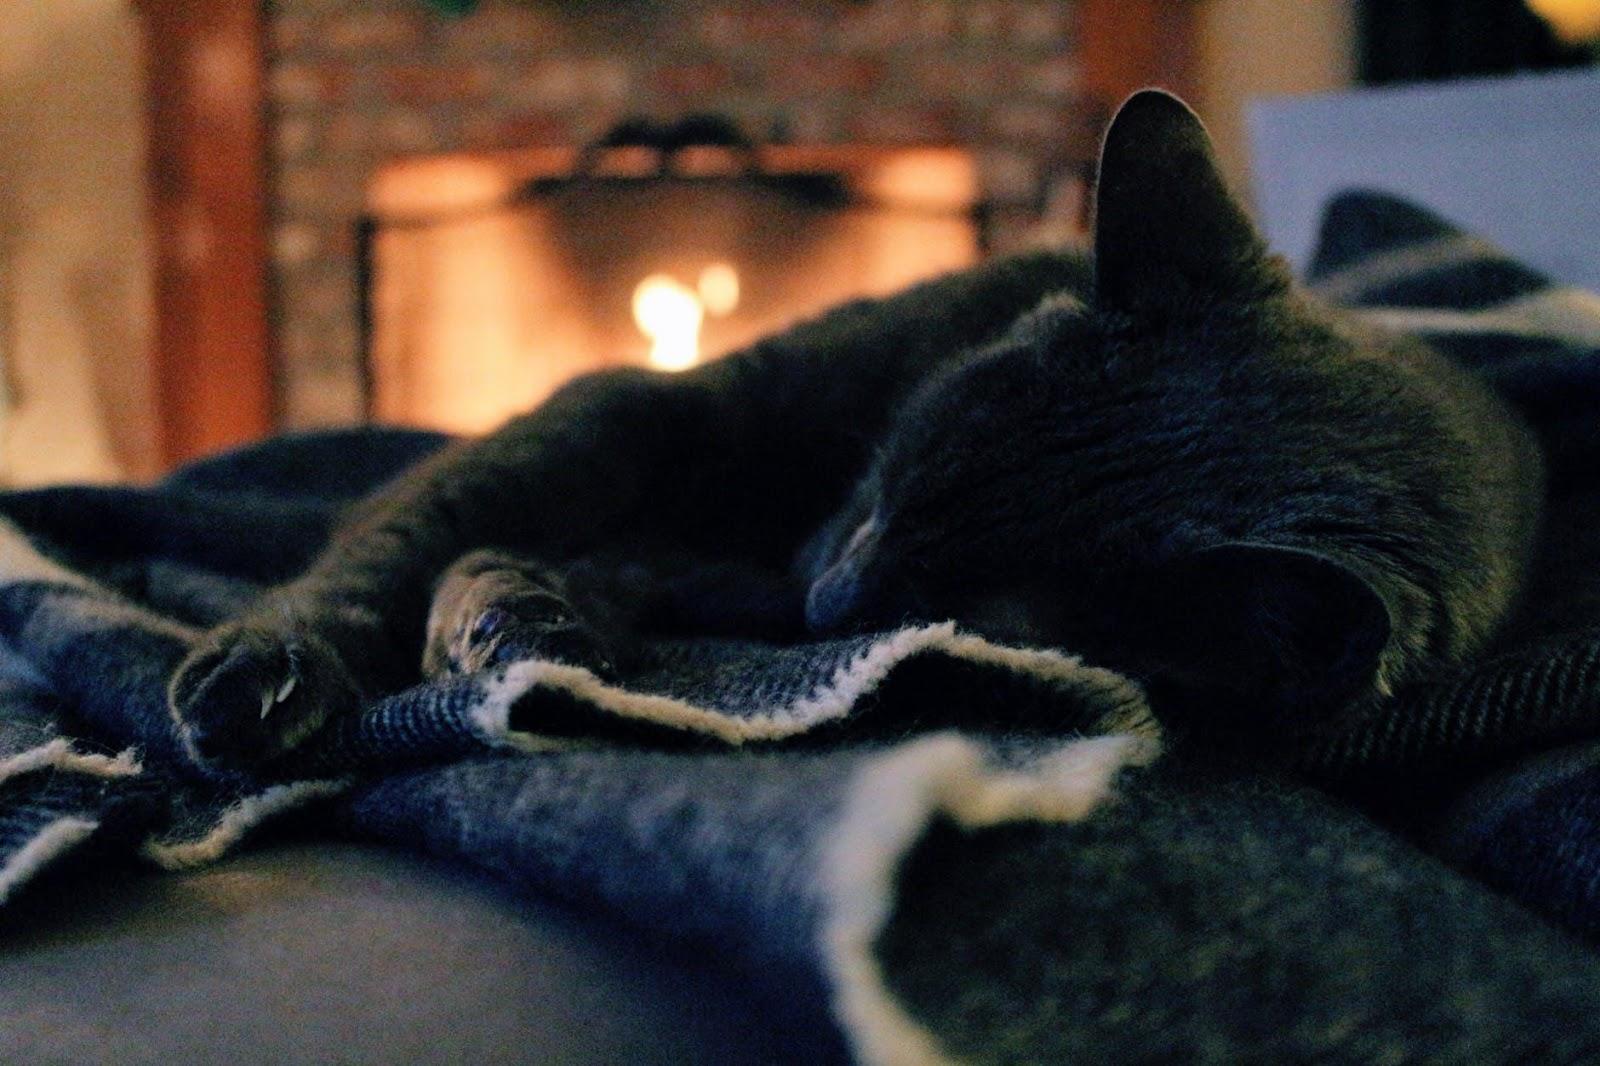 black cat in cozy blanket